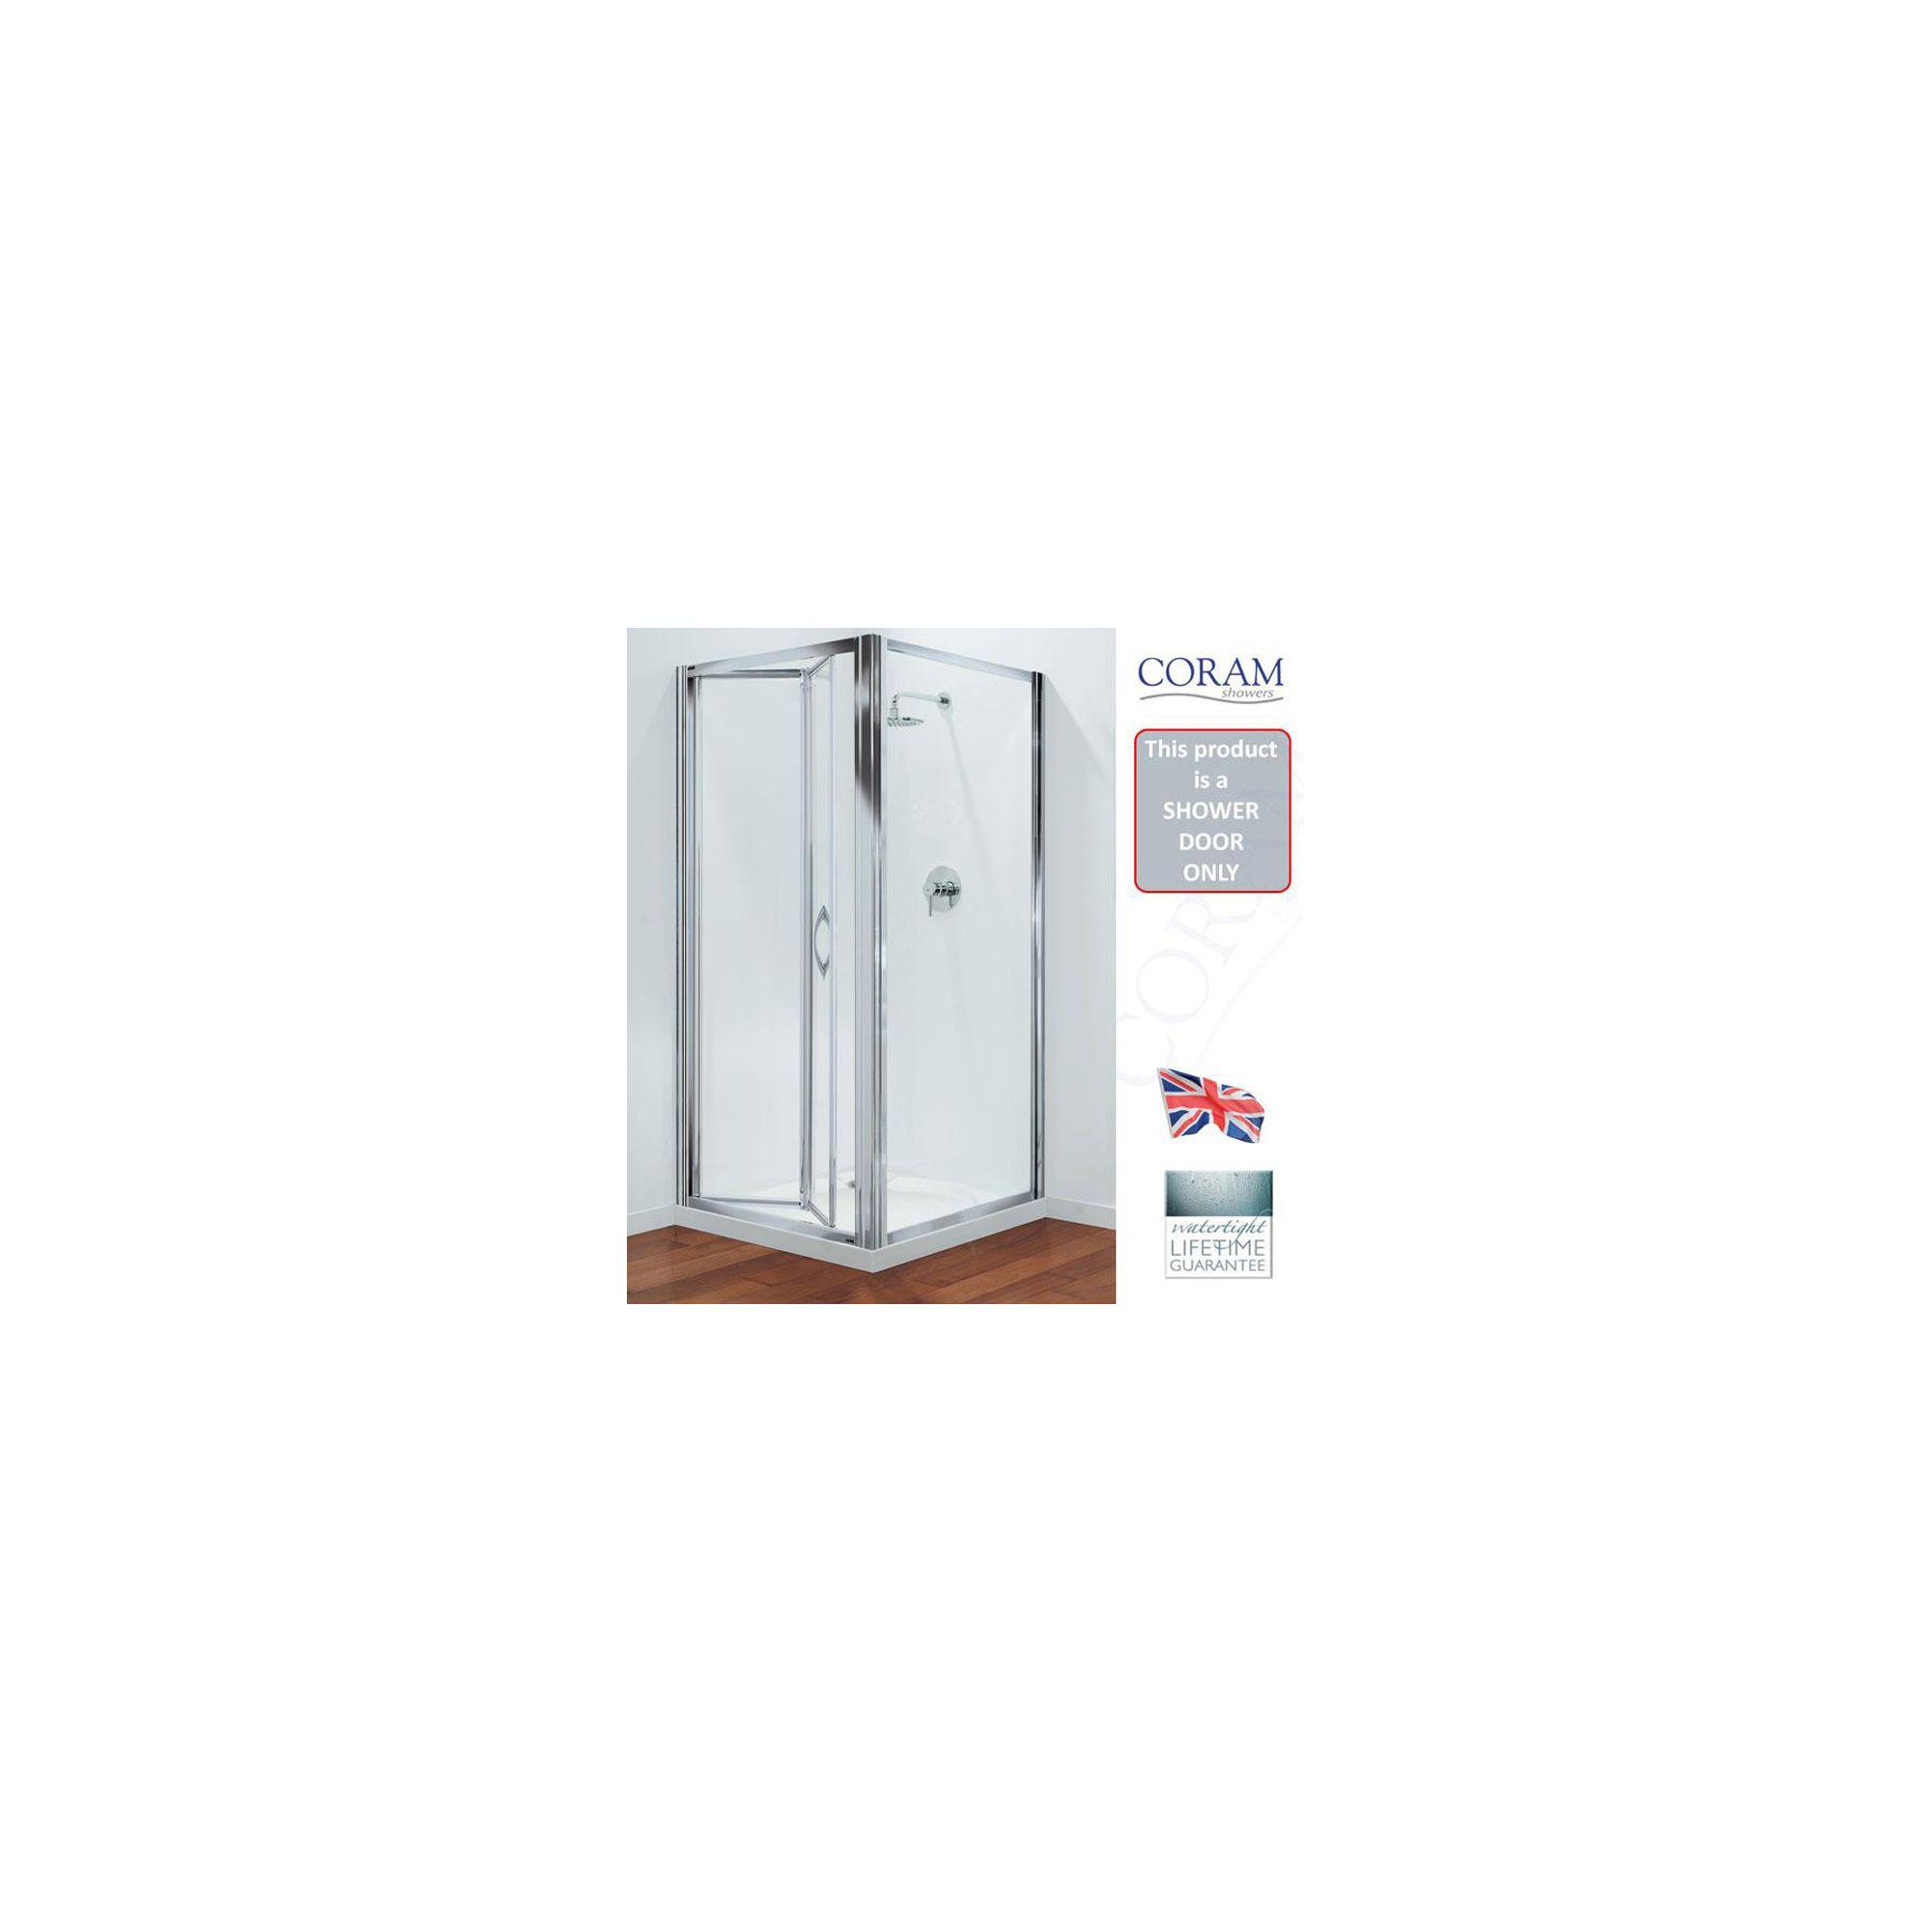 Coram Premier Bi-Fold Shower Door, 1000mm Wide, Polished Silver Frame, 6mm Plain Glass at Tesco Direct